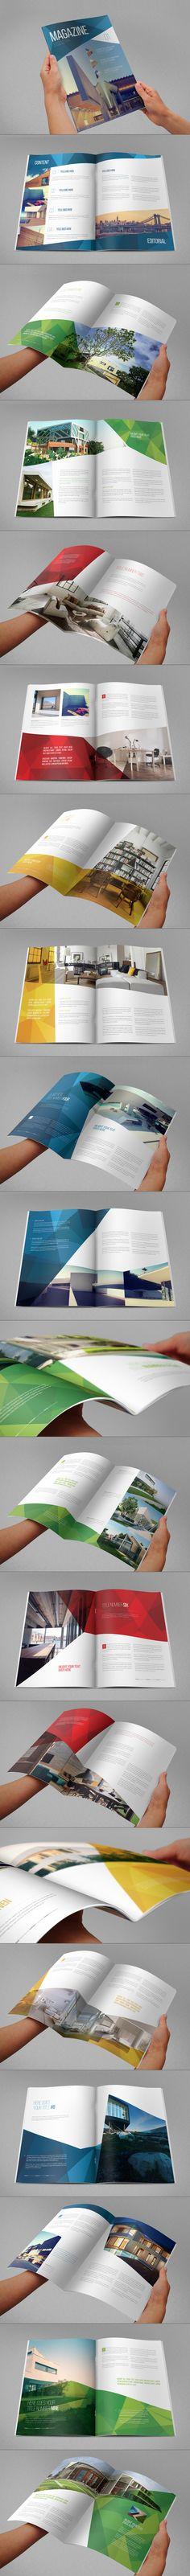 Revista Arquitectura Moderna por Abra Design, a través de Behance